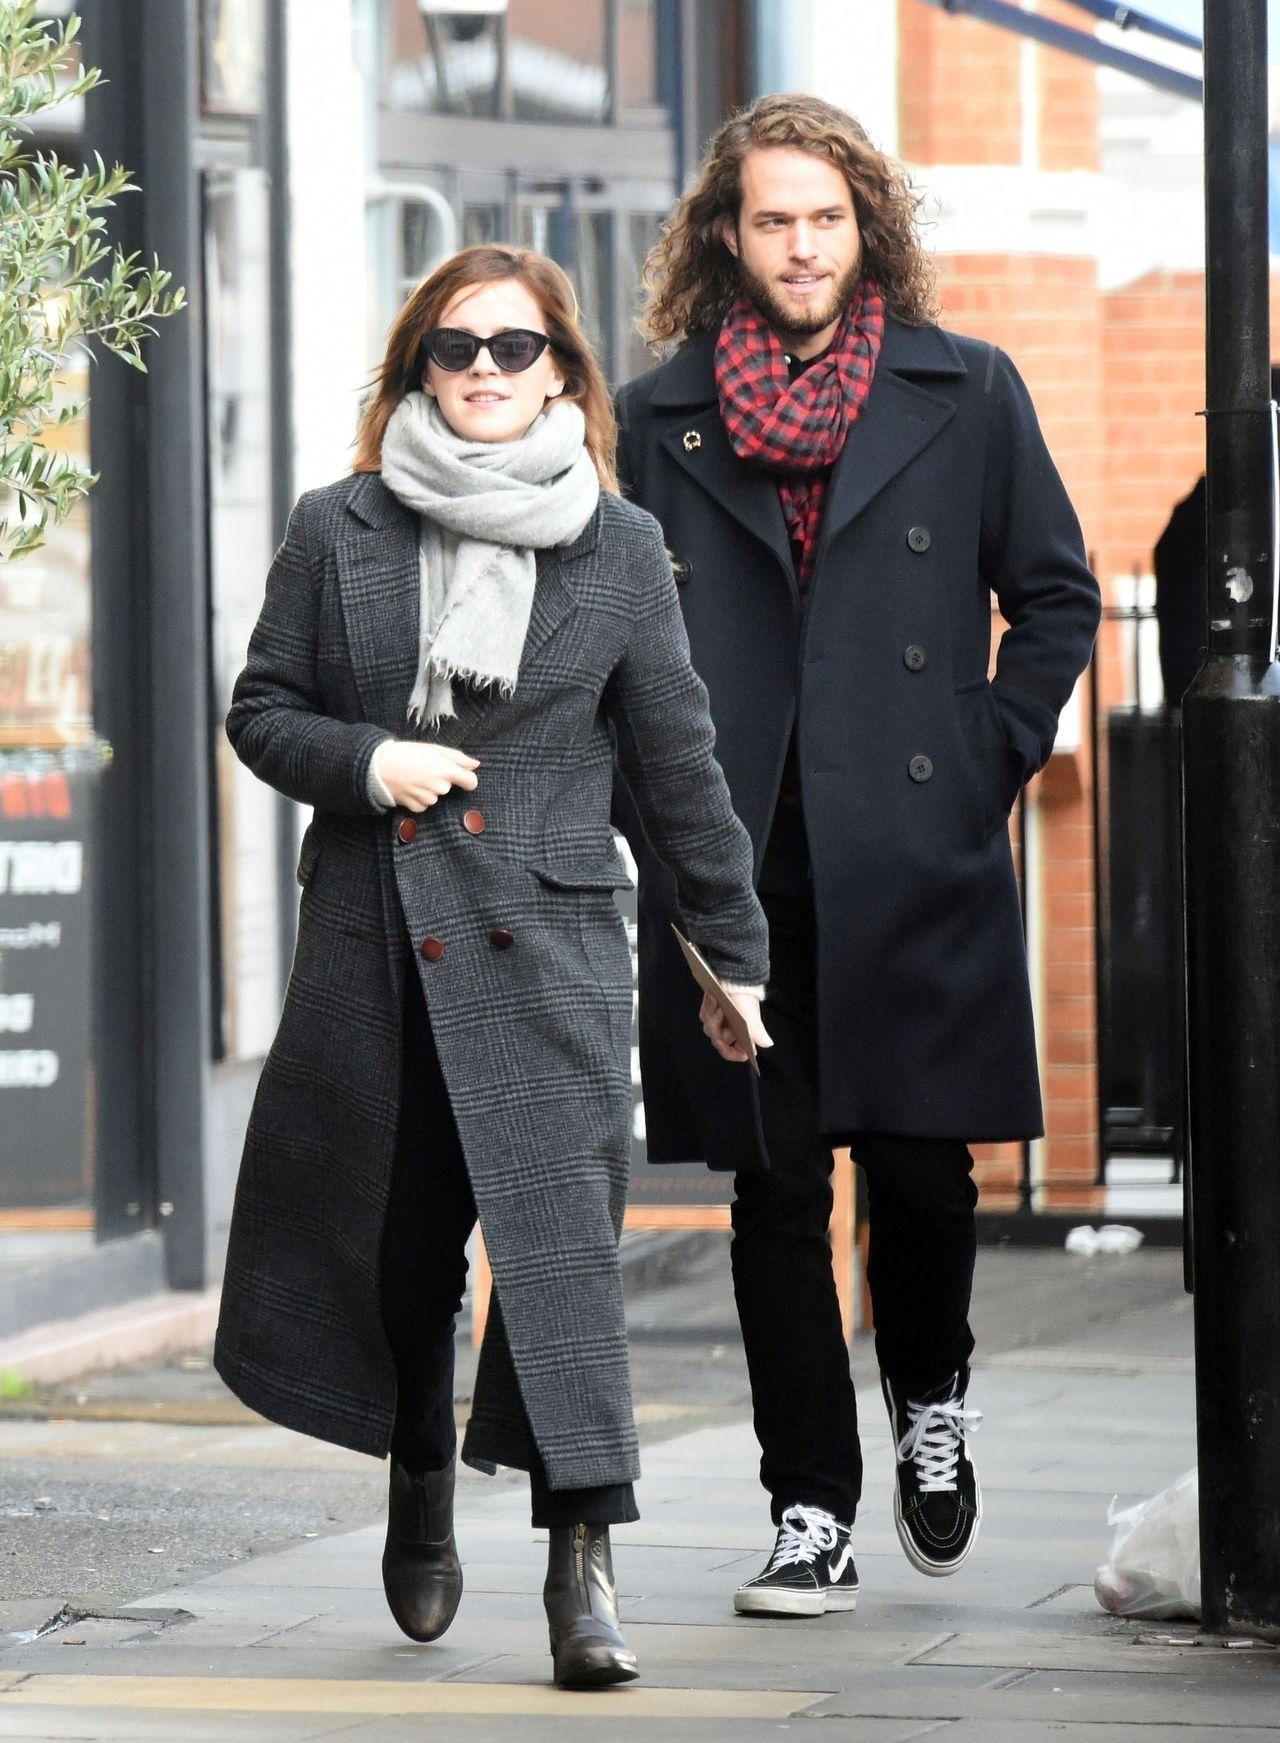 Zakochana Emma Watson i Leo Robinton spacerują po Londynie.